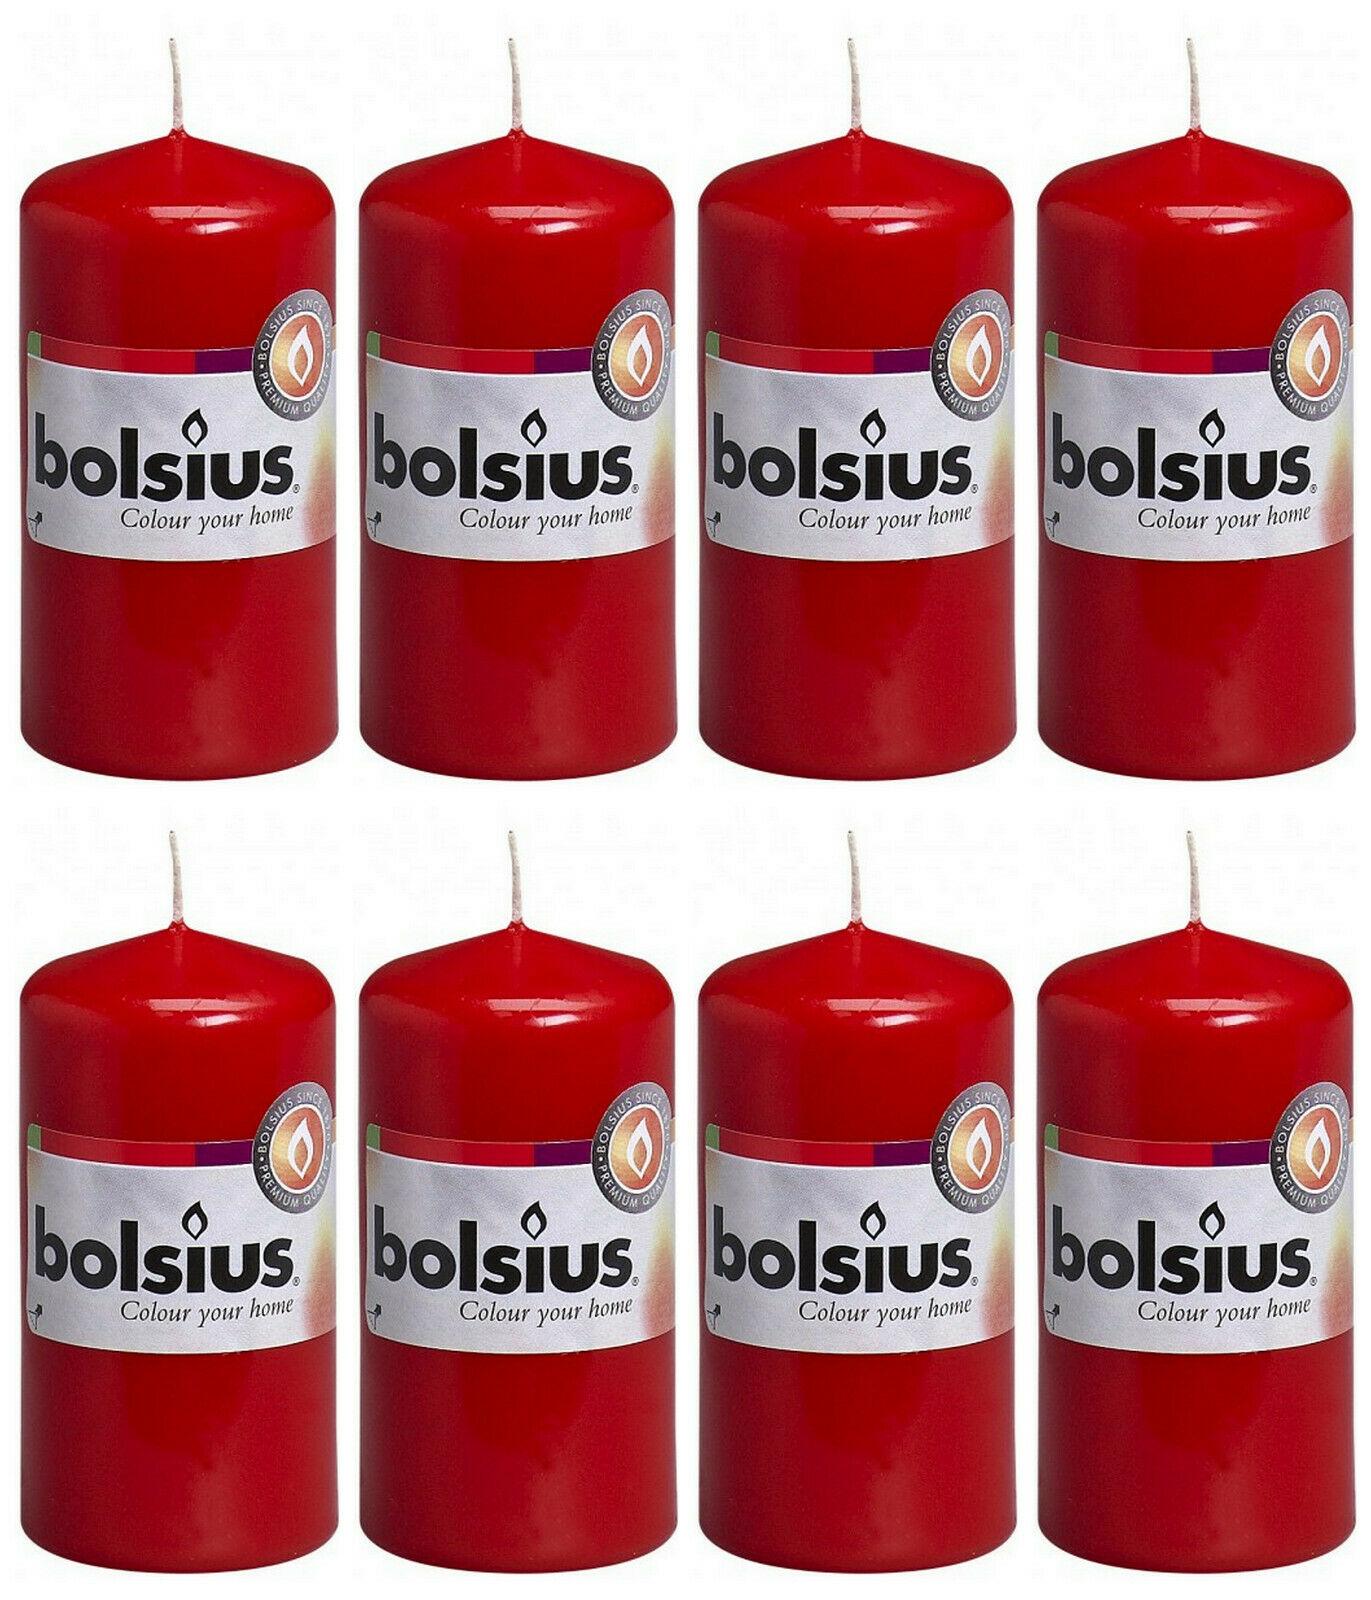 8 Stück Bolsius Stumpenkerzen 100 x 50 mm Stumpen Kerze Candle Rot, Weiß - Rot